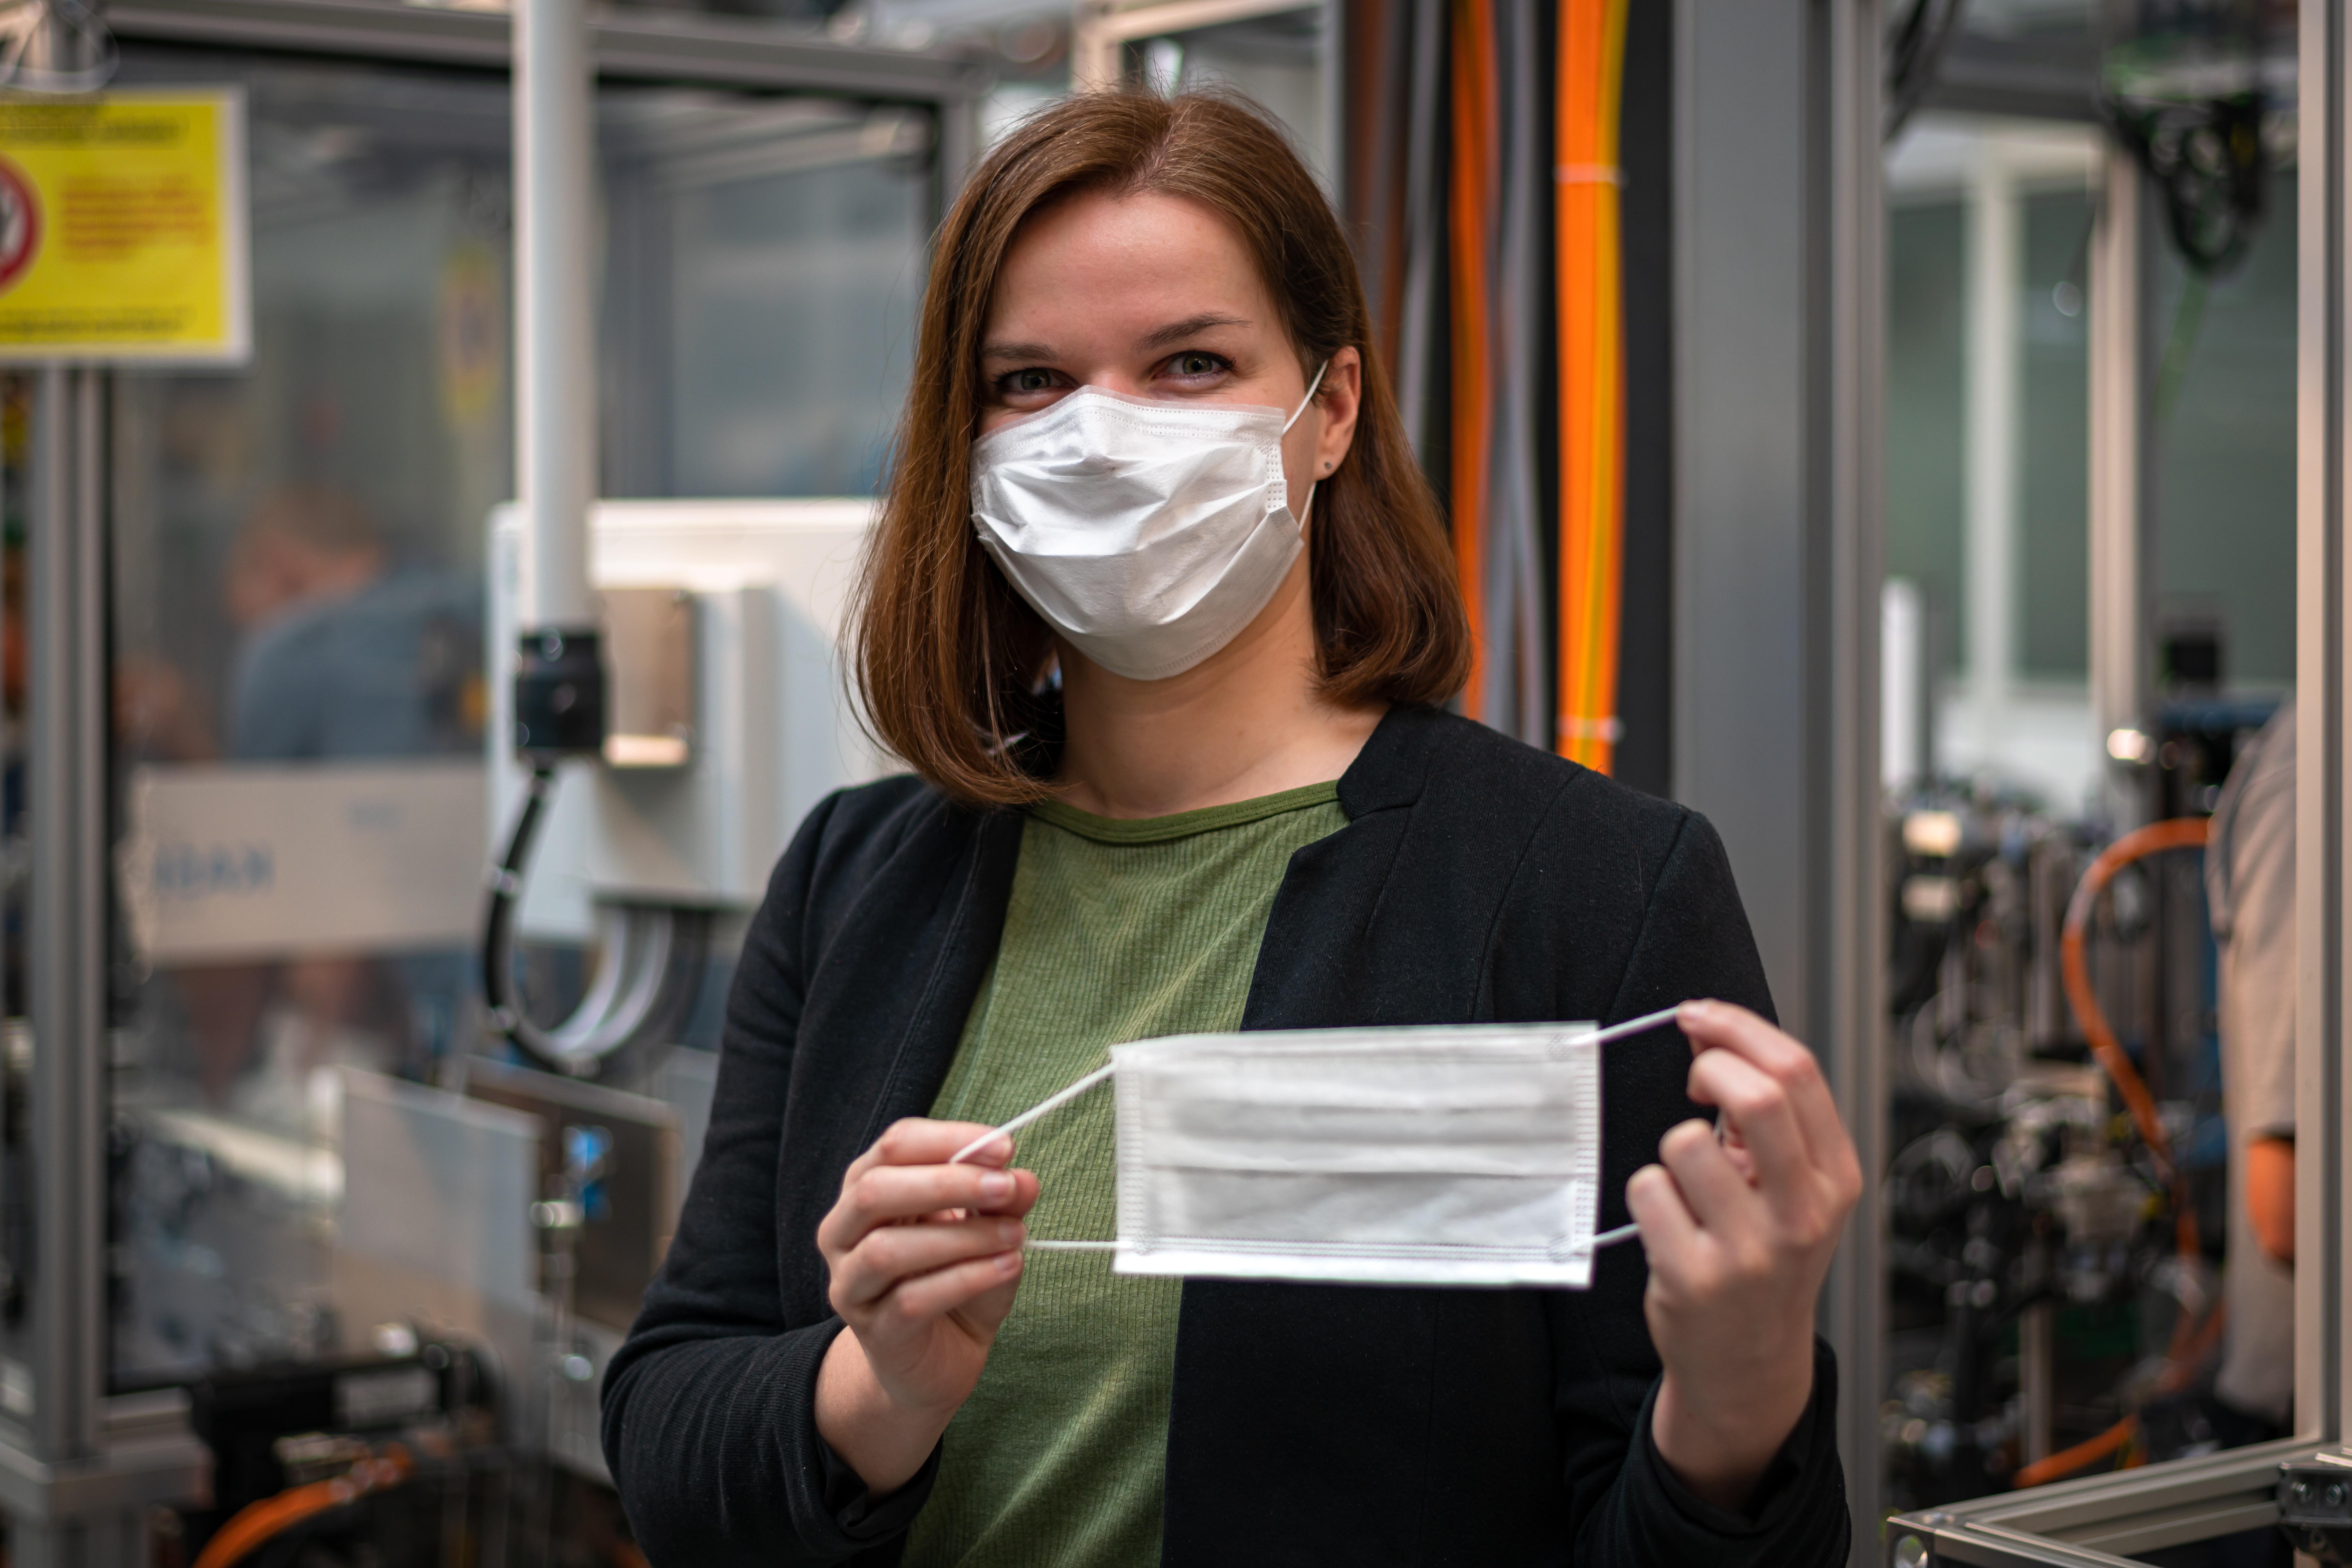 Beitrag zur Eindämmung der Corona-Pandemie: Produktion von Masken und Desinfektionsmitteln